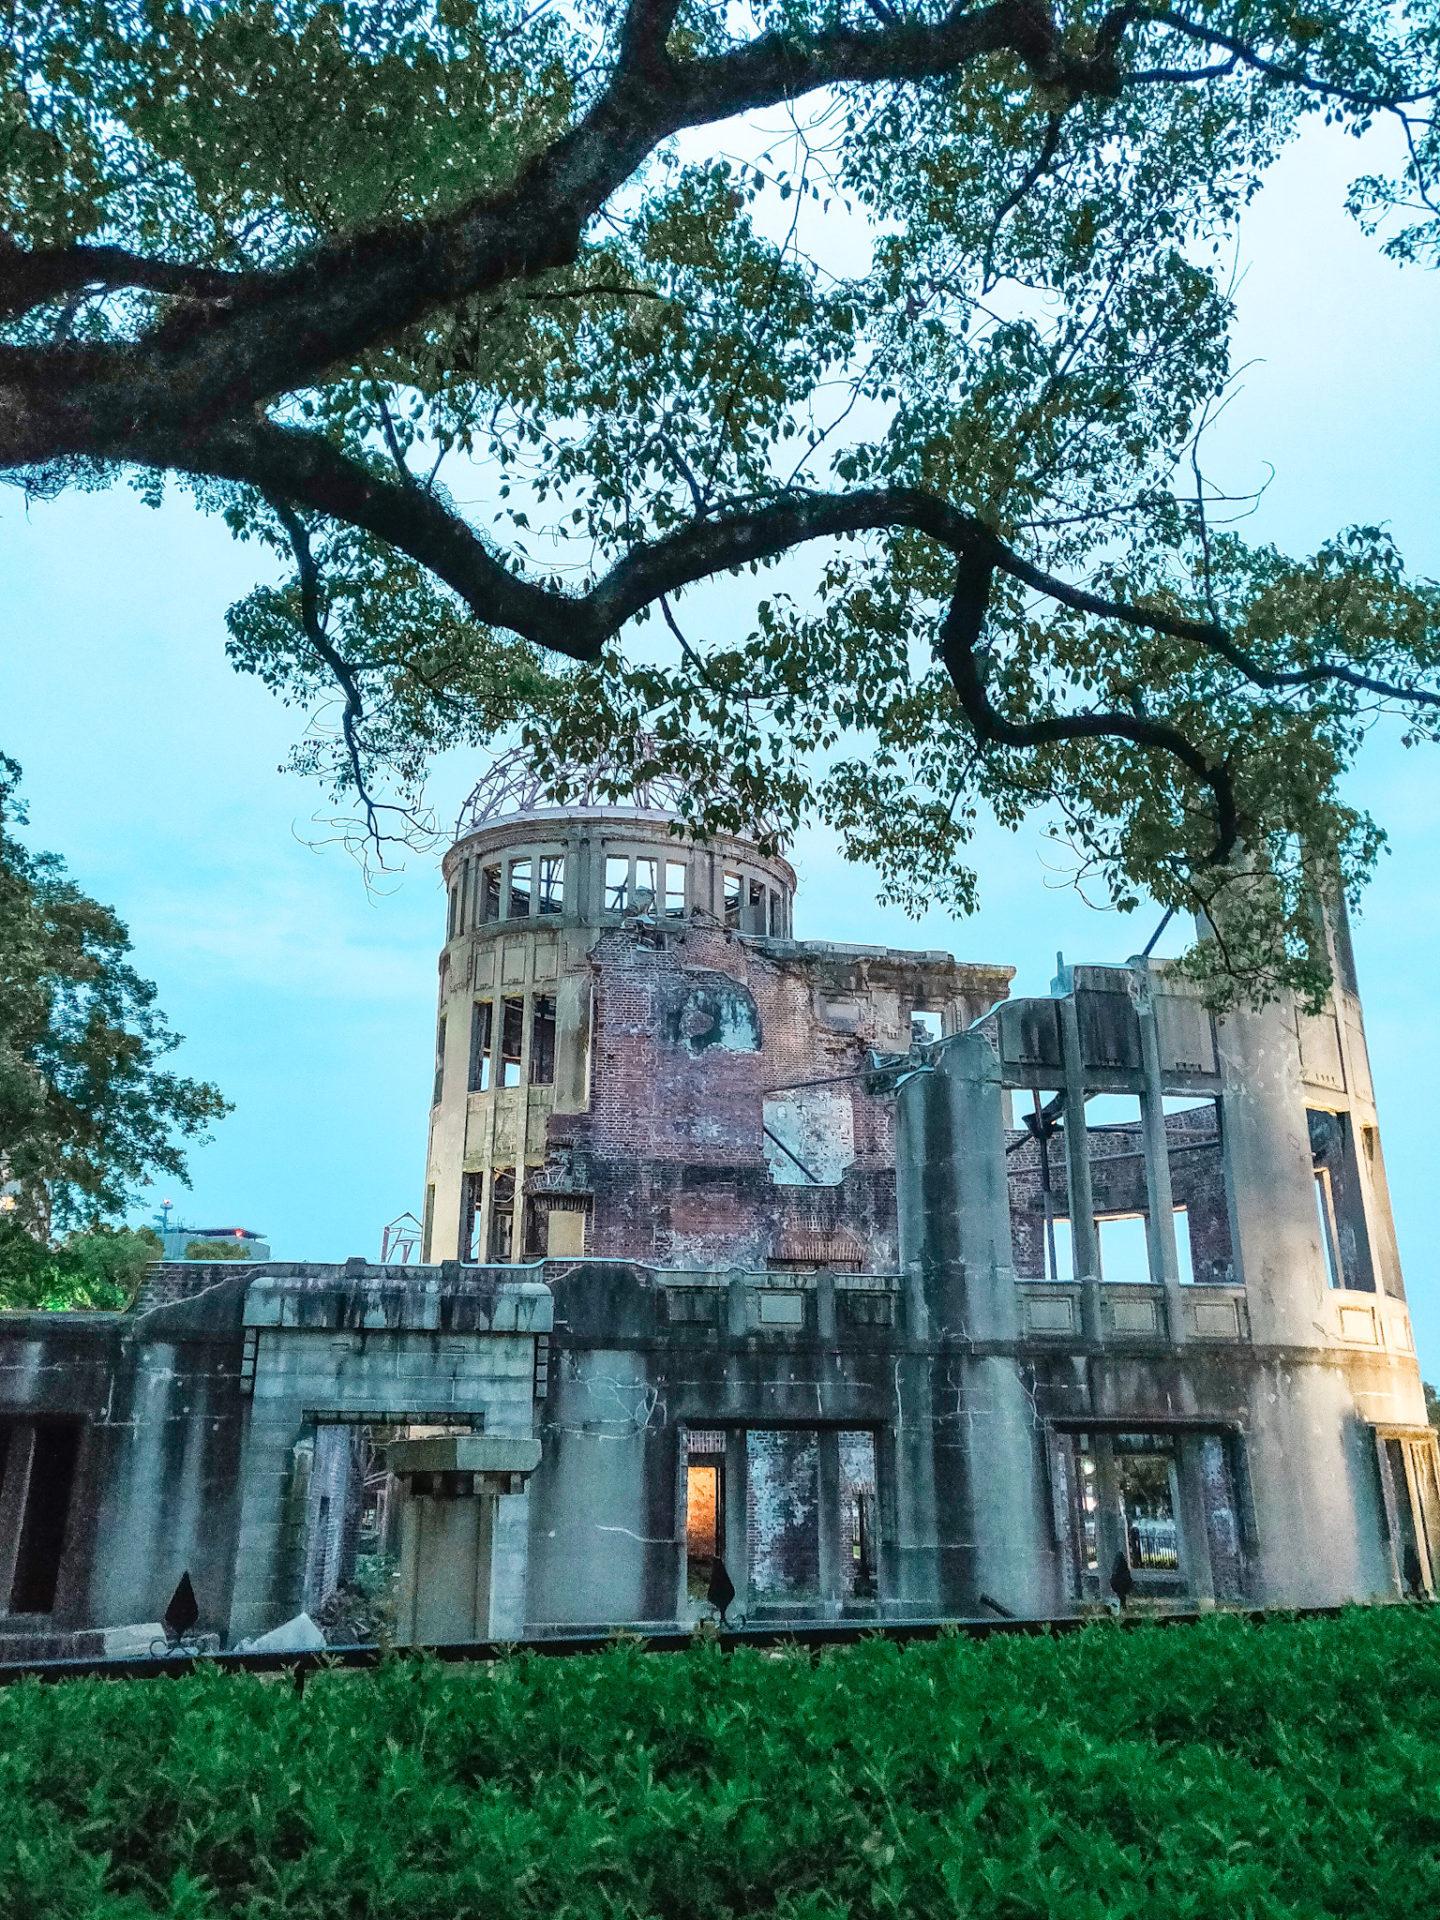 Dome Genbaku Hiroshima japon